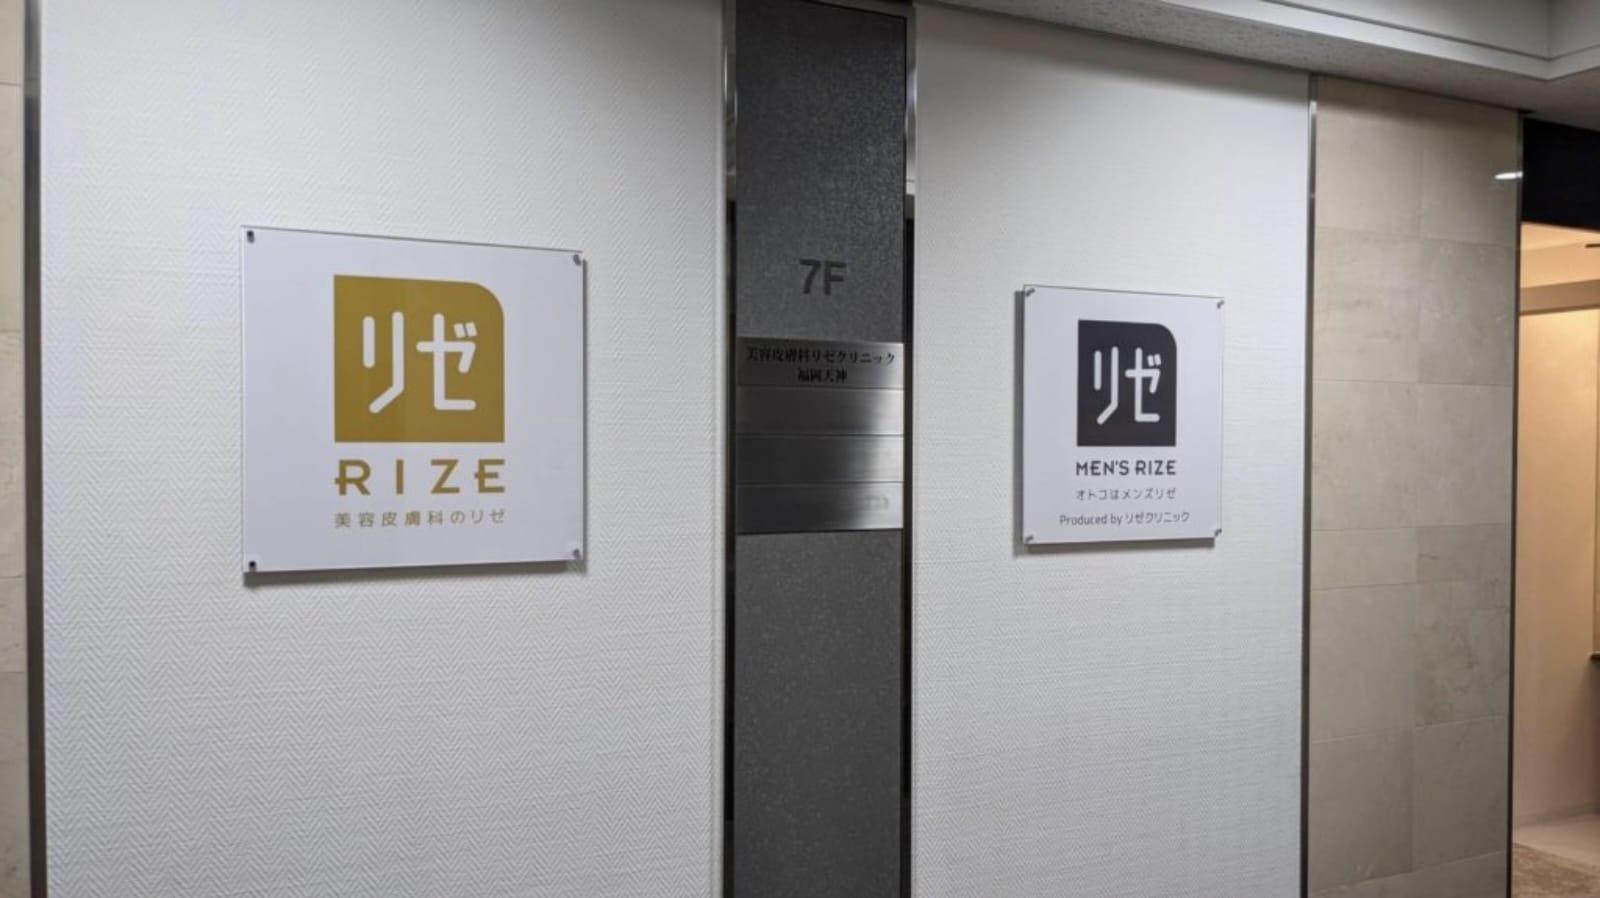 メンズリゼクリニック福岡院の入口写真